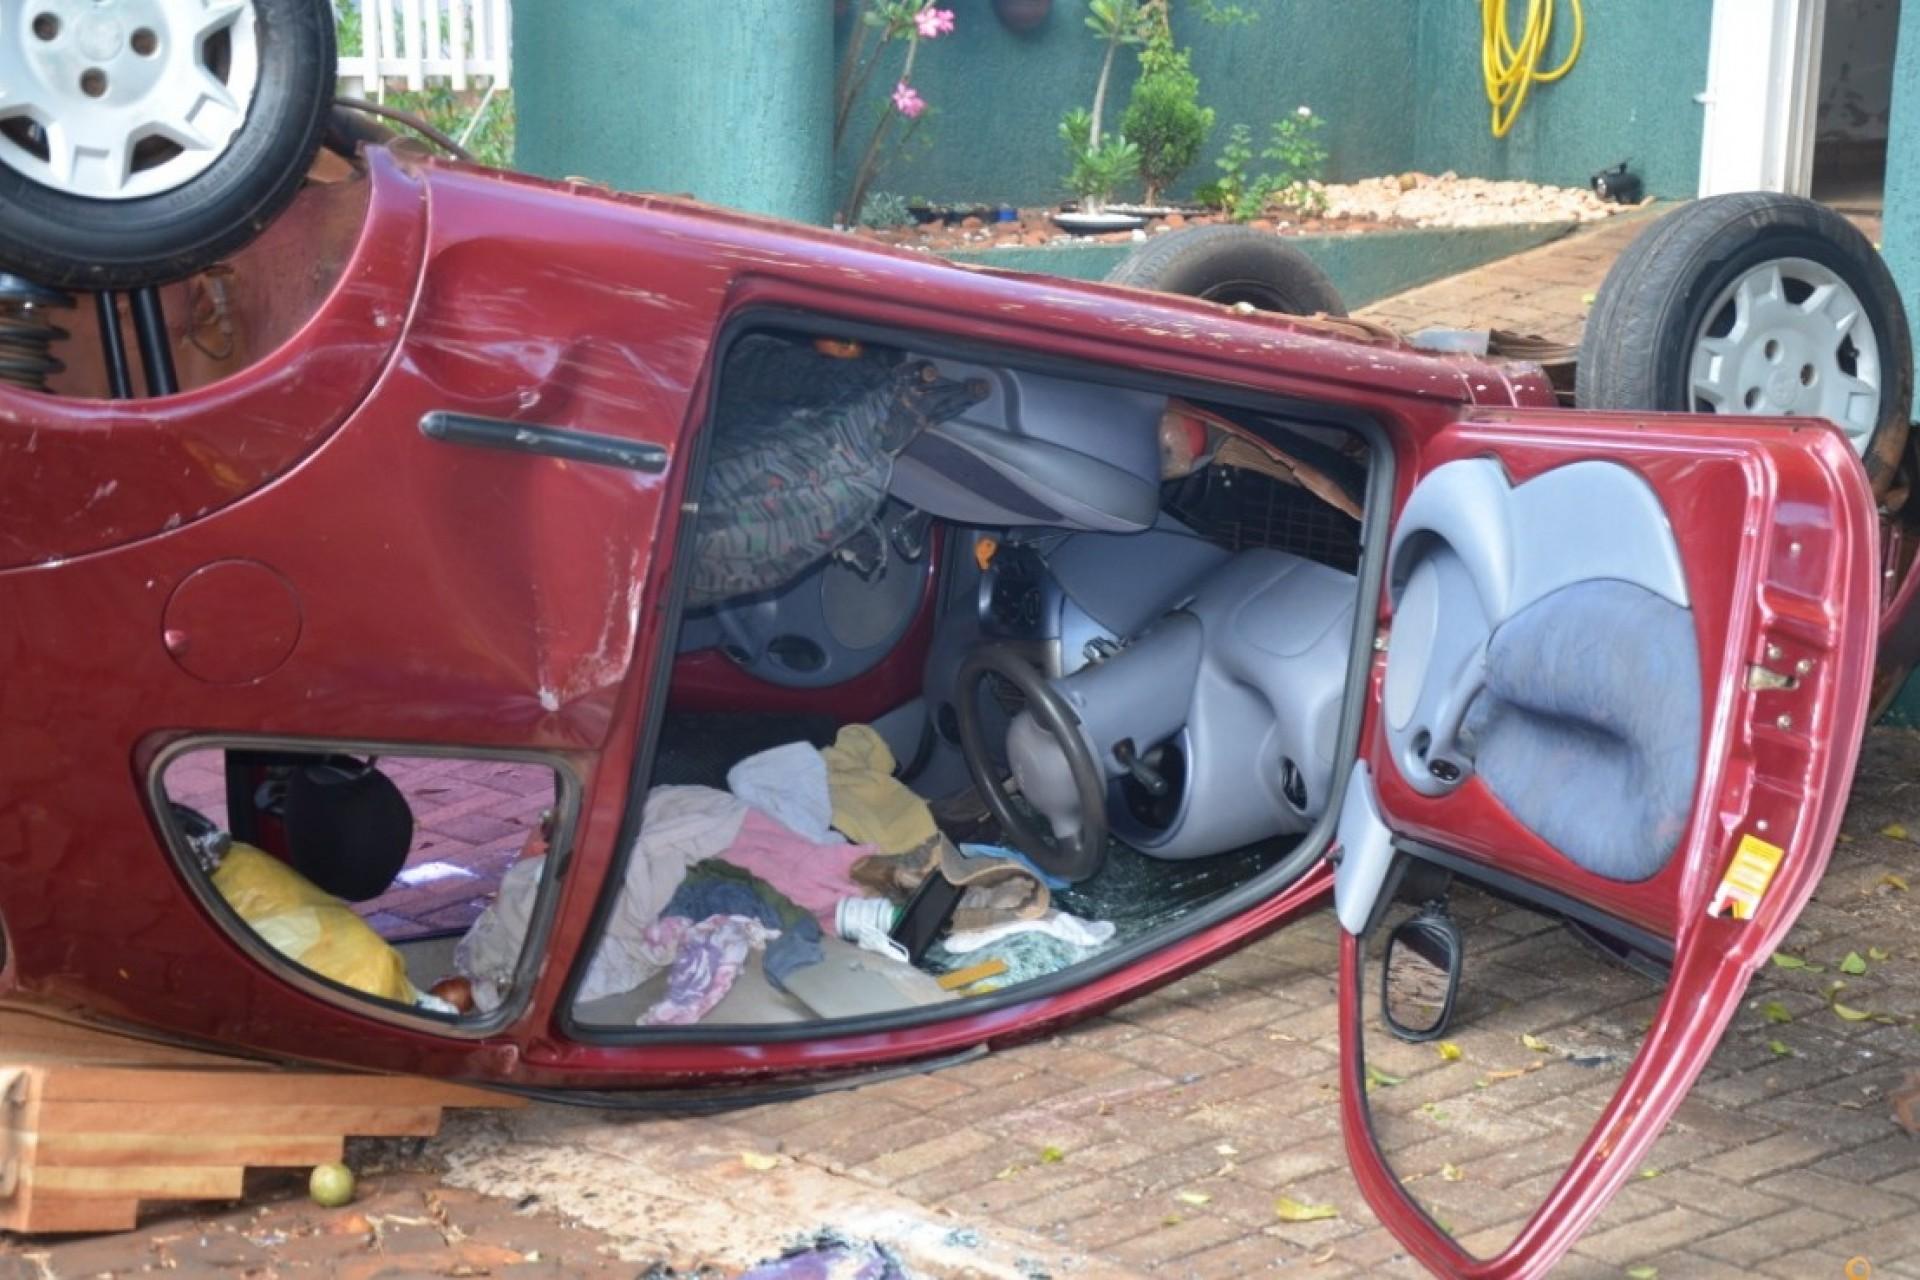 Capotamento de veículo no Bairro Floresta em São Miguel do Iguaçu